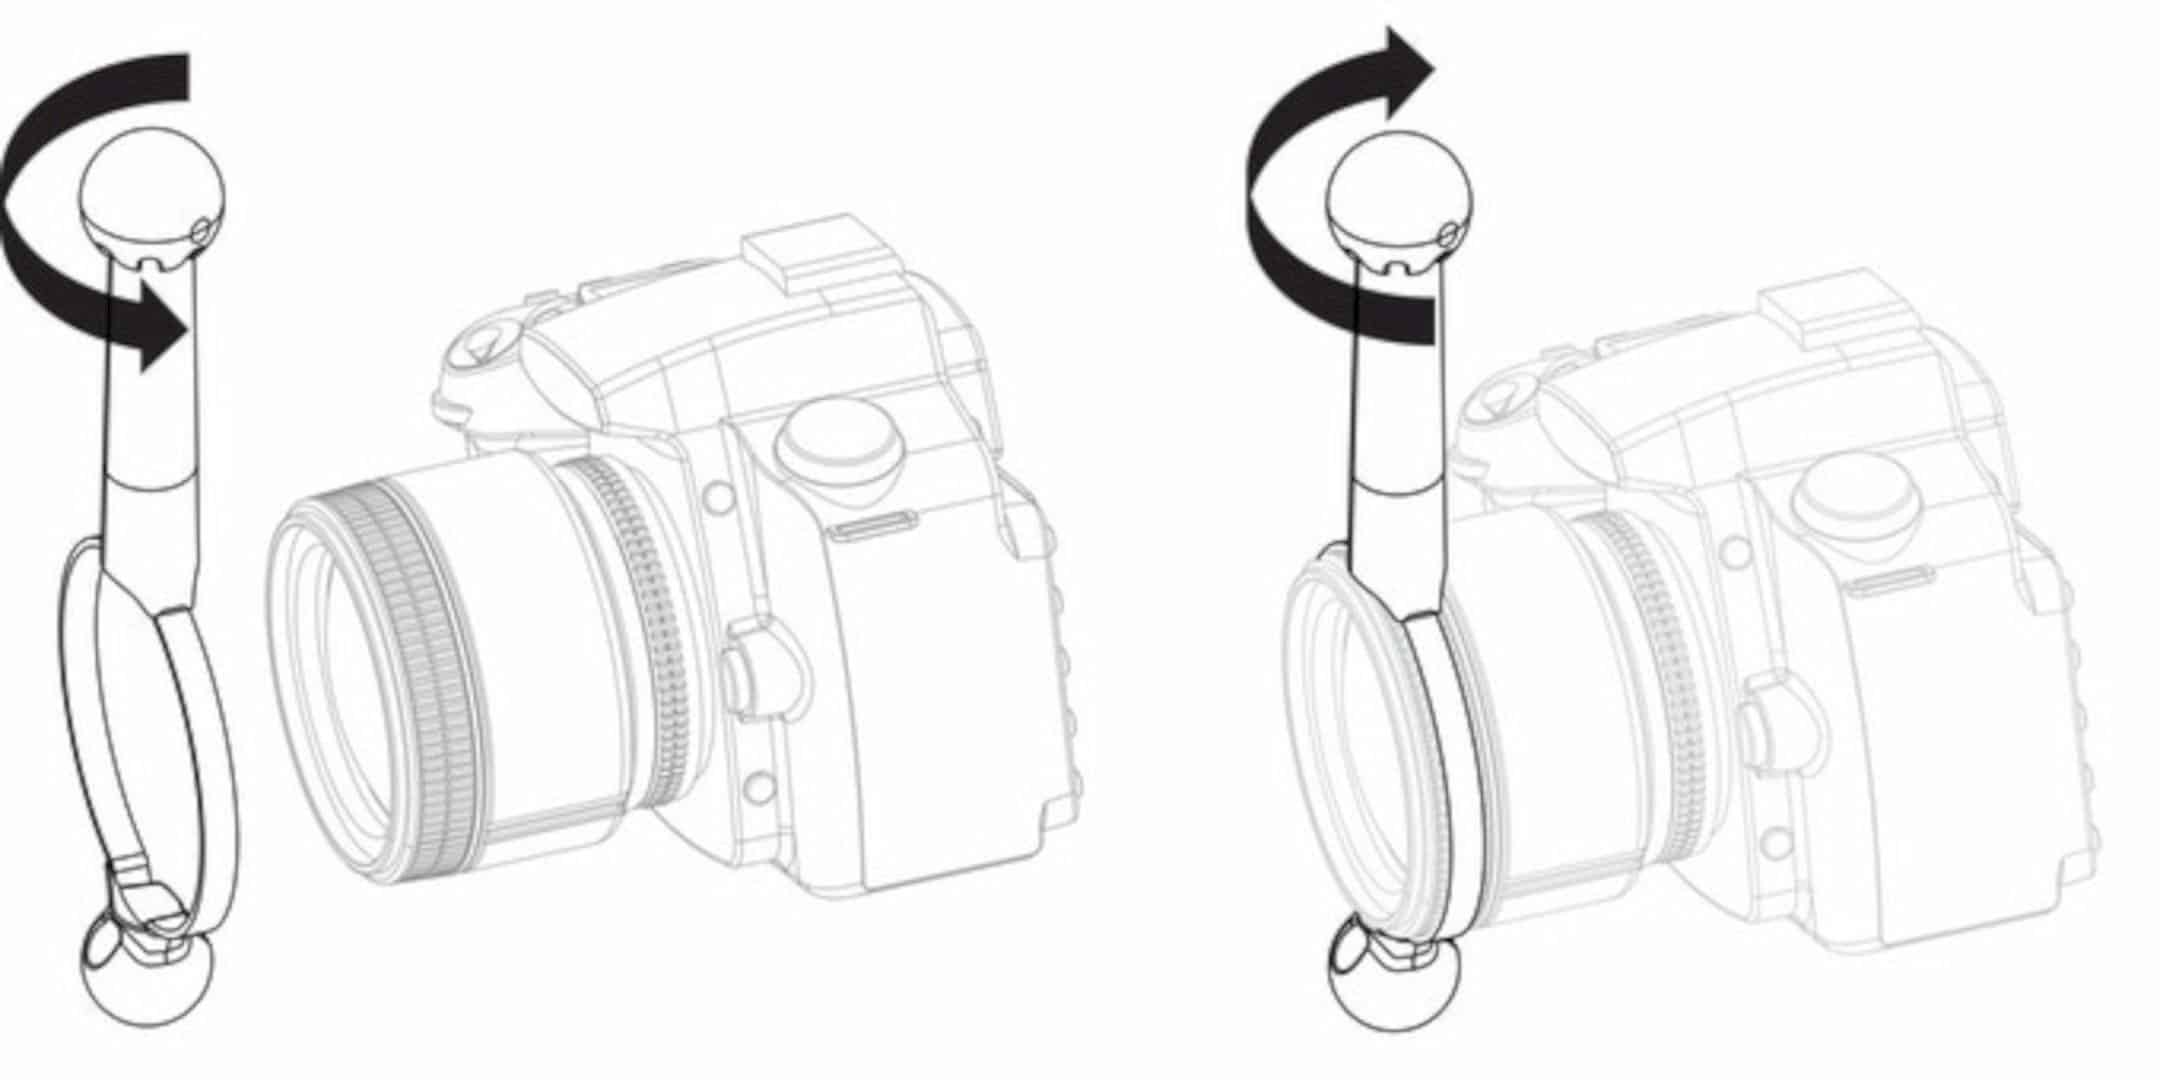 Lensshifter 3